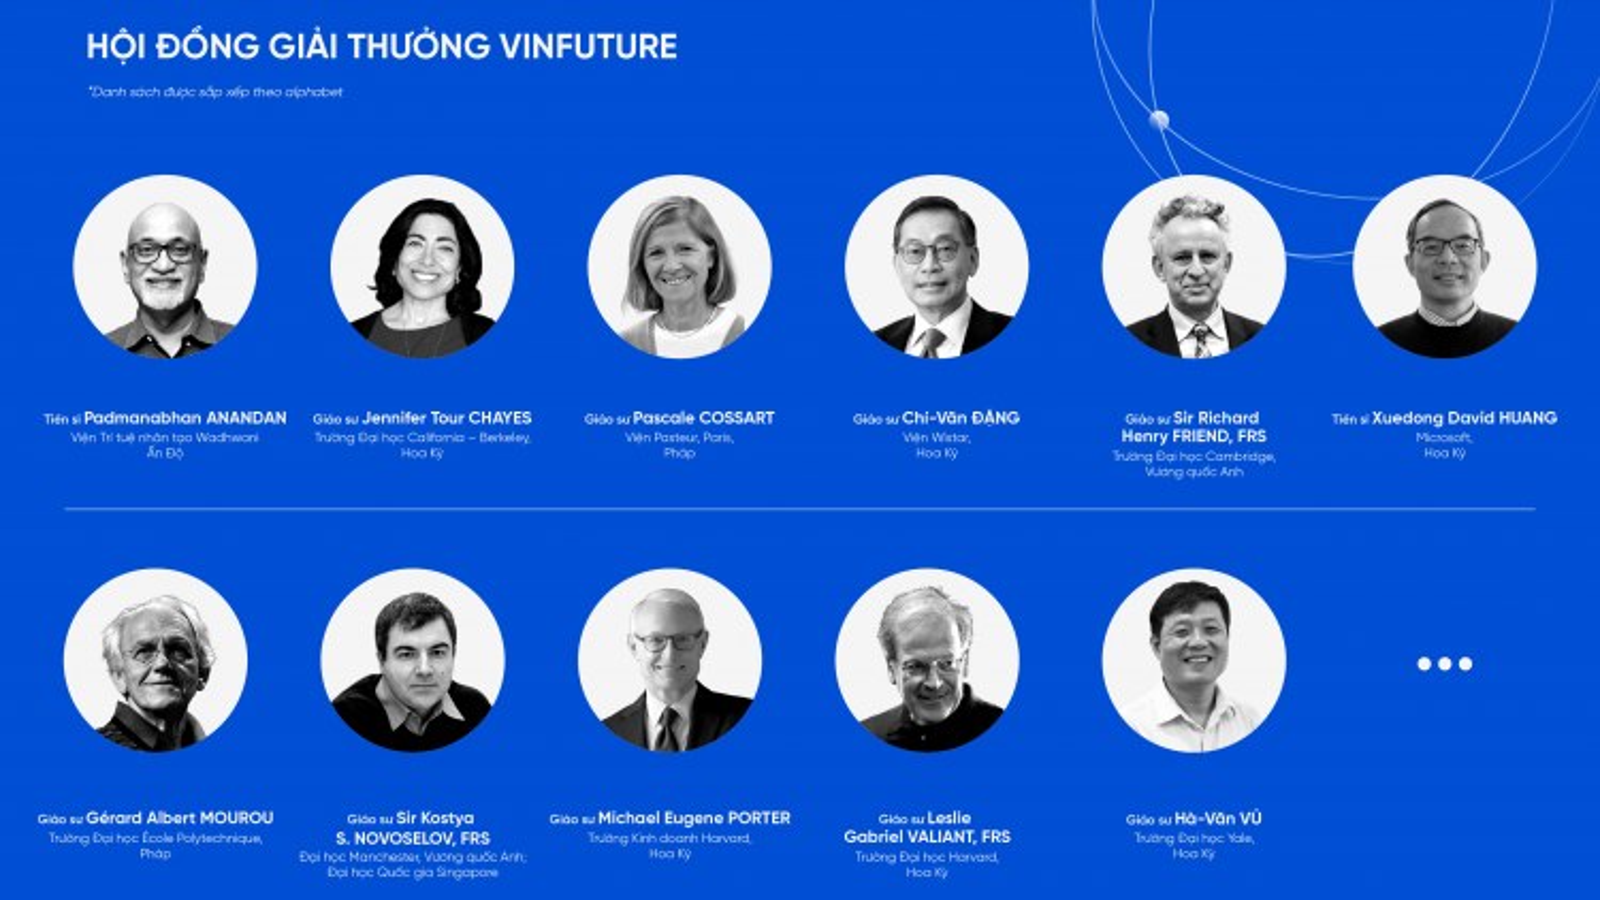 Giảng viên cao cấp Đại học Harvard: VinFuture mang khát vọng phát triển thế giới